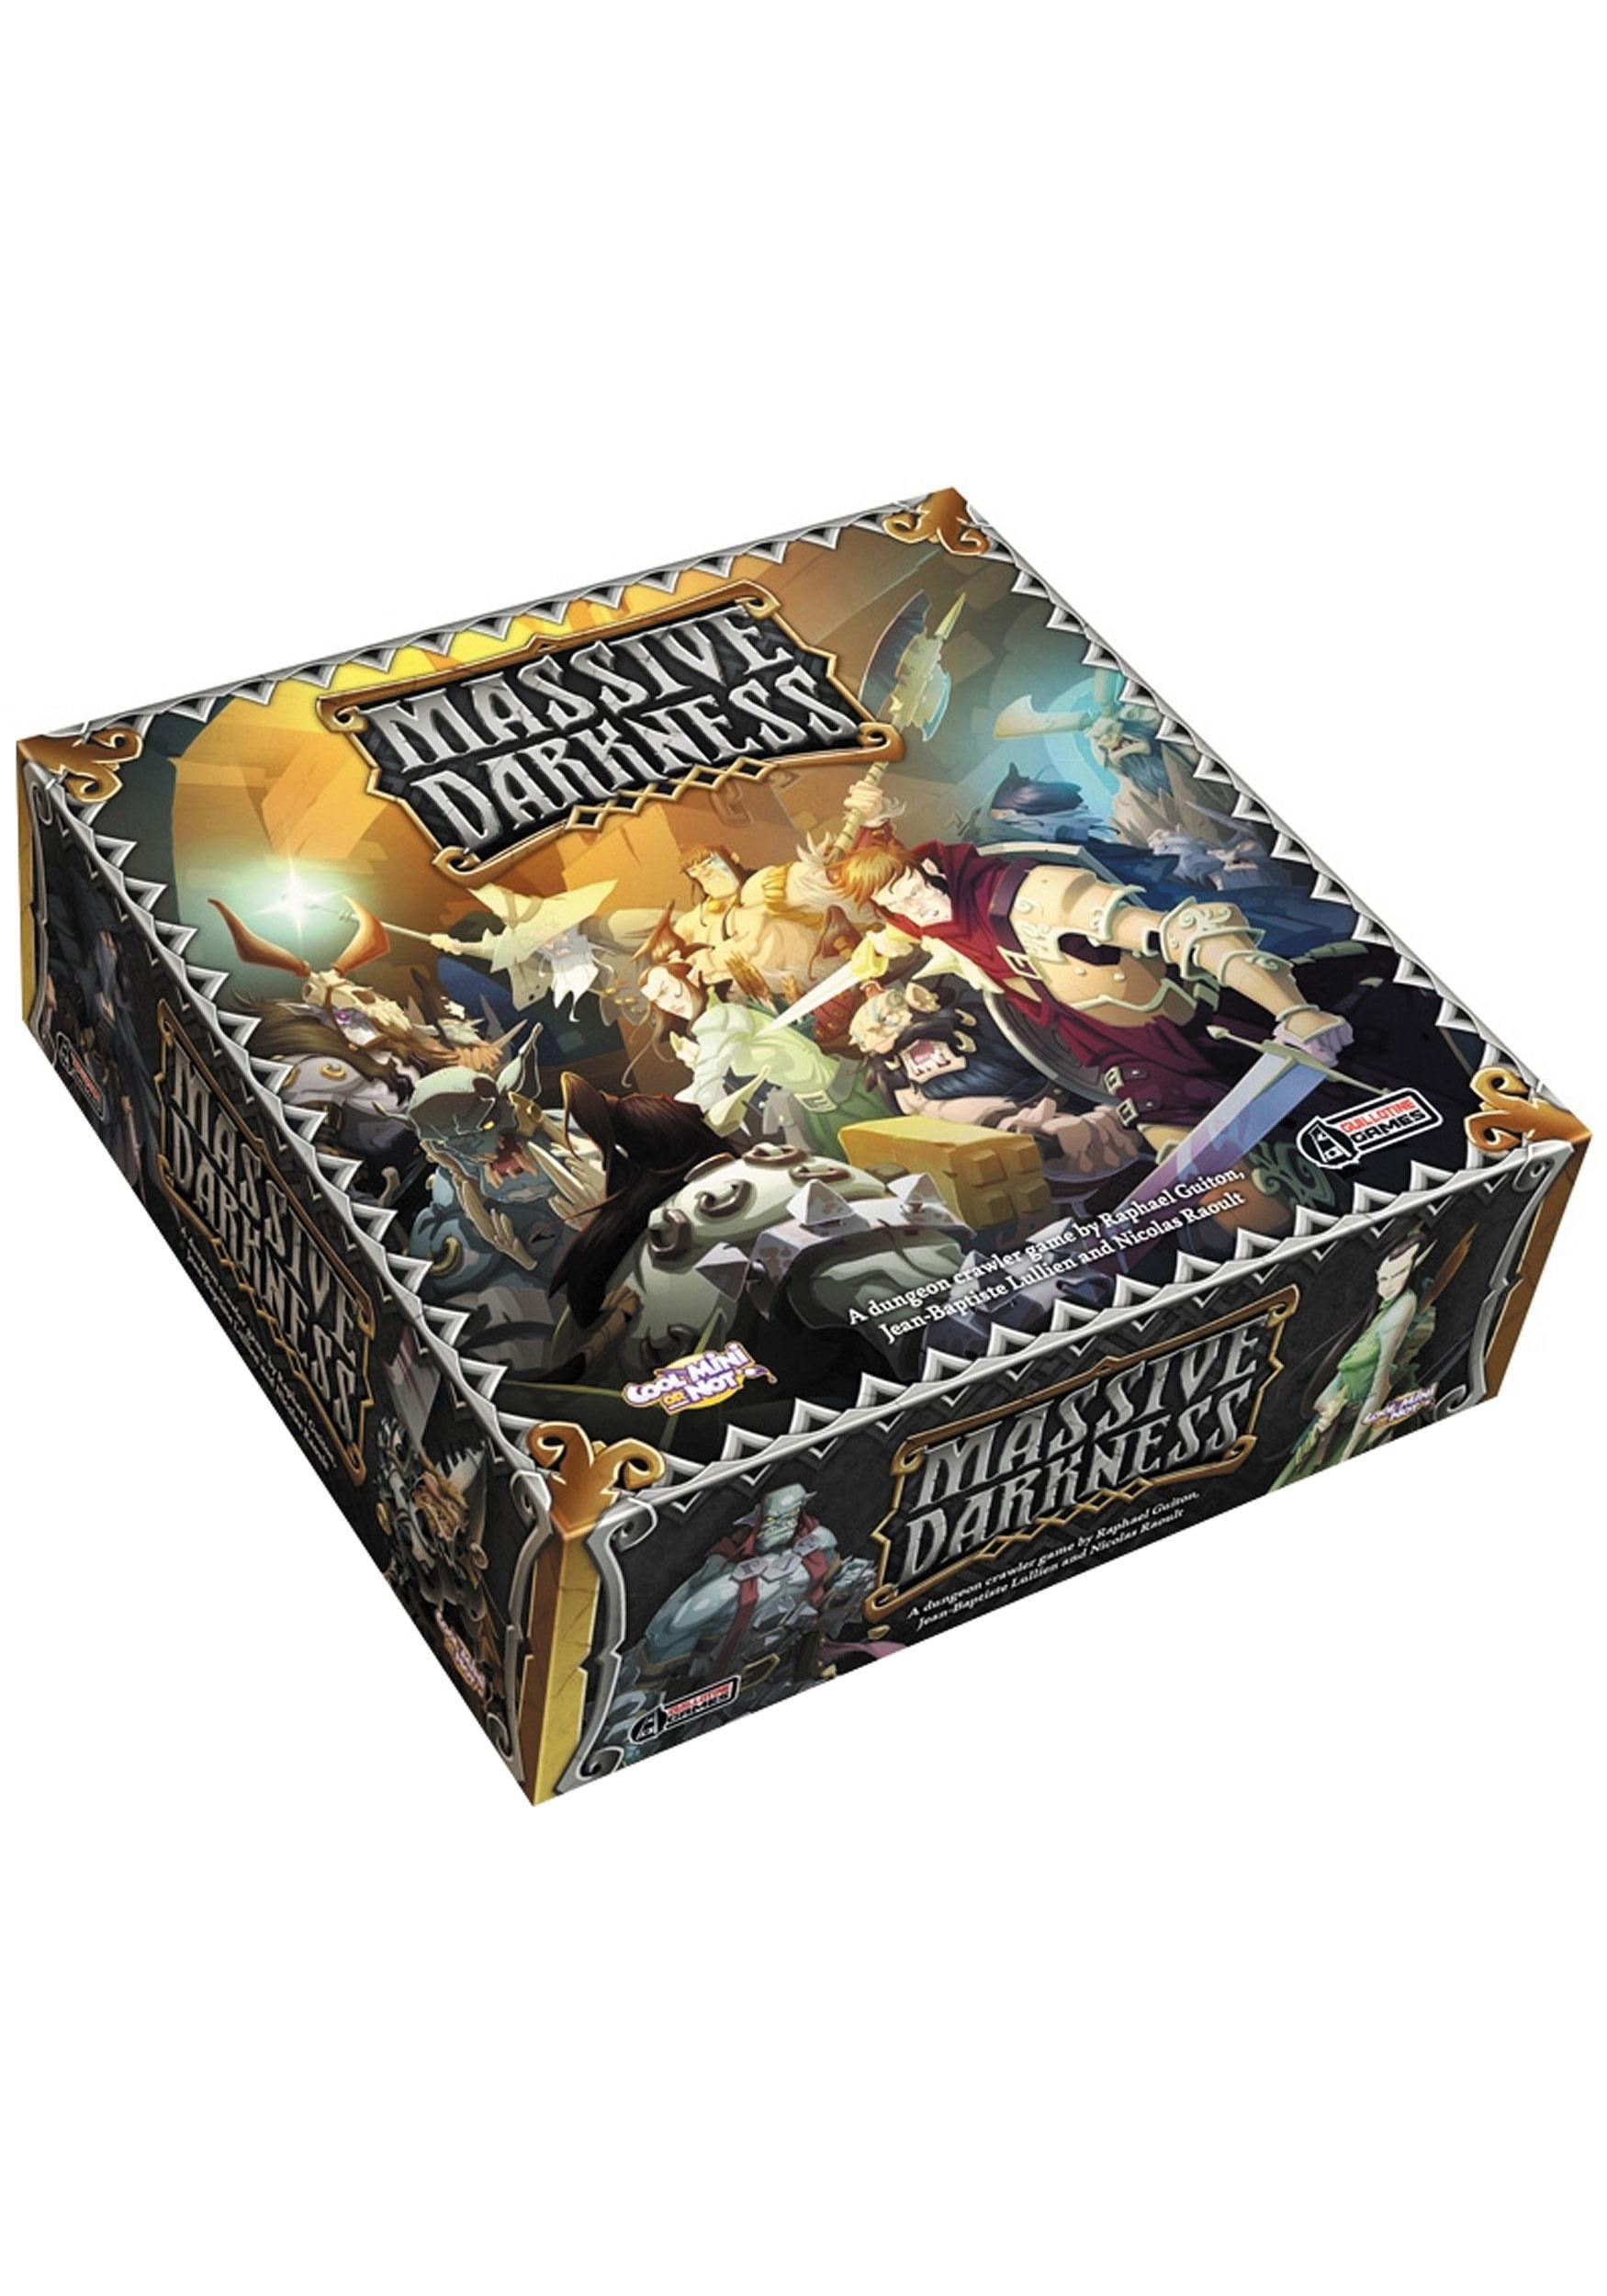 Massive_Darkness_Board_Game